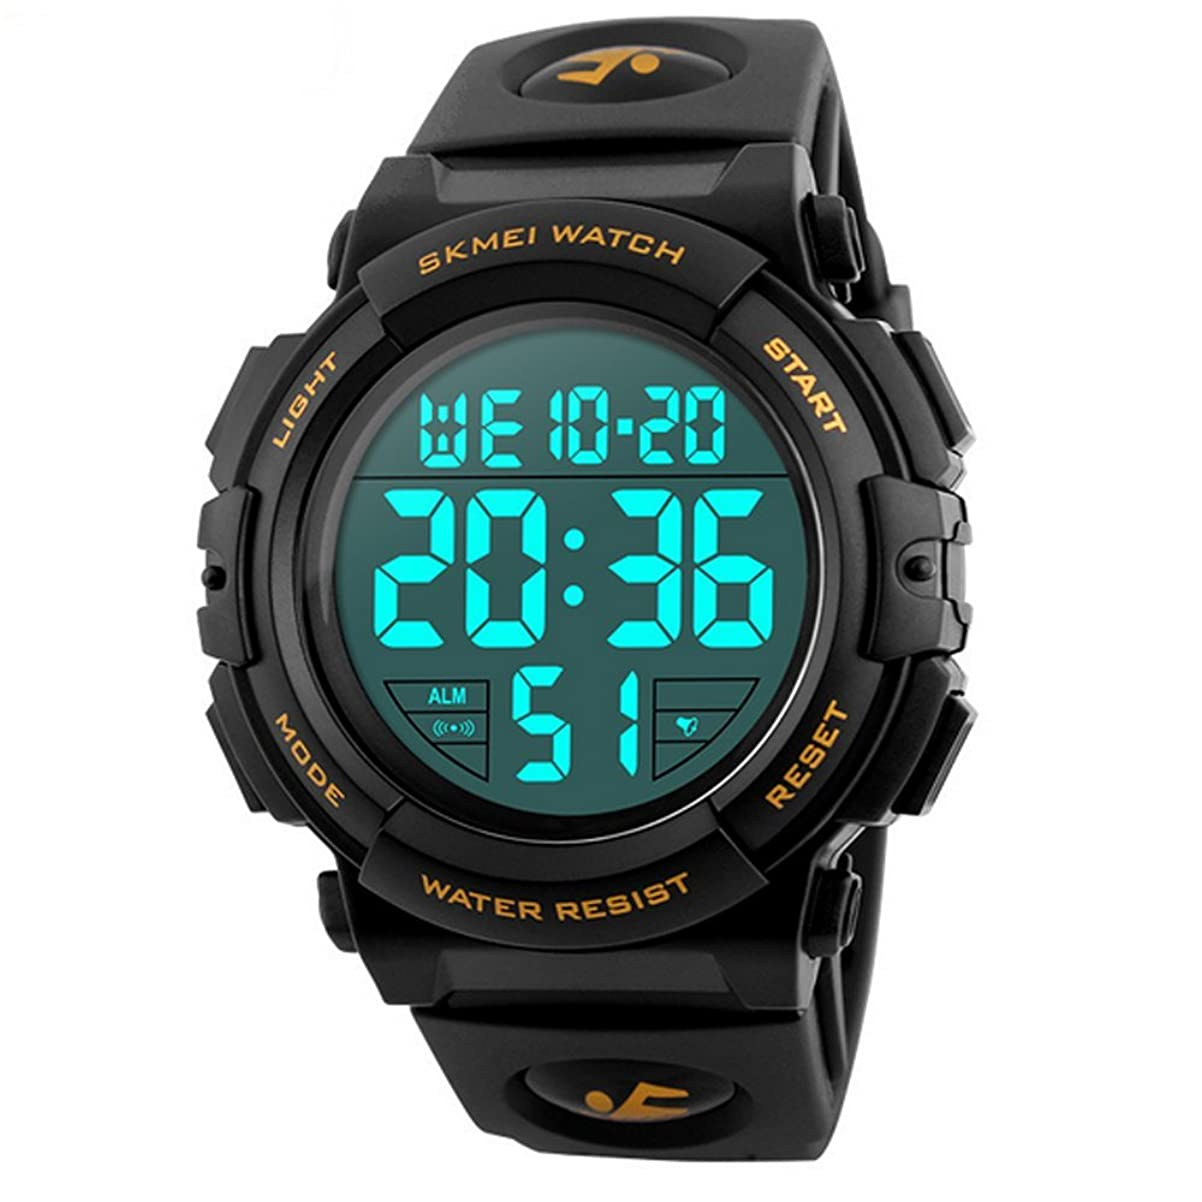 宿る十代の若者たちホテルTimever(タイムエバー)デジタル腕時計 メンズ 防水腕時計 led watch スポーツウォッチ アラーム ストップウォッチ機能付き 50M防水時計 文字が大きくて見やすい (ゴールド)